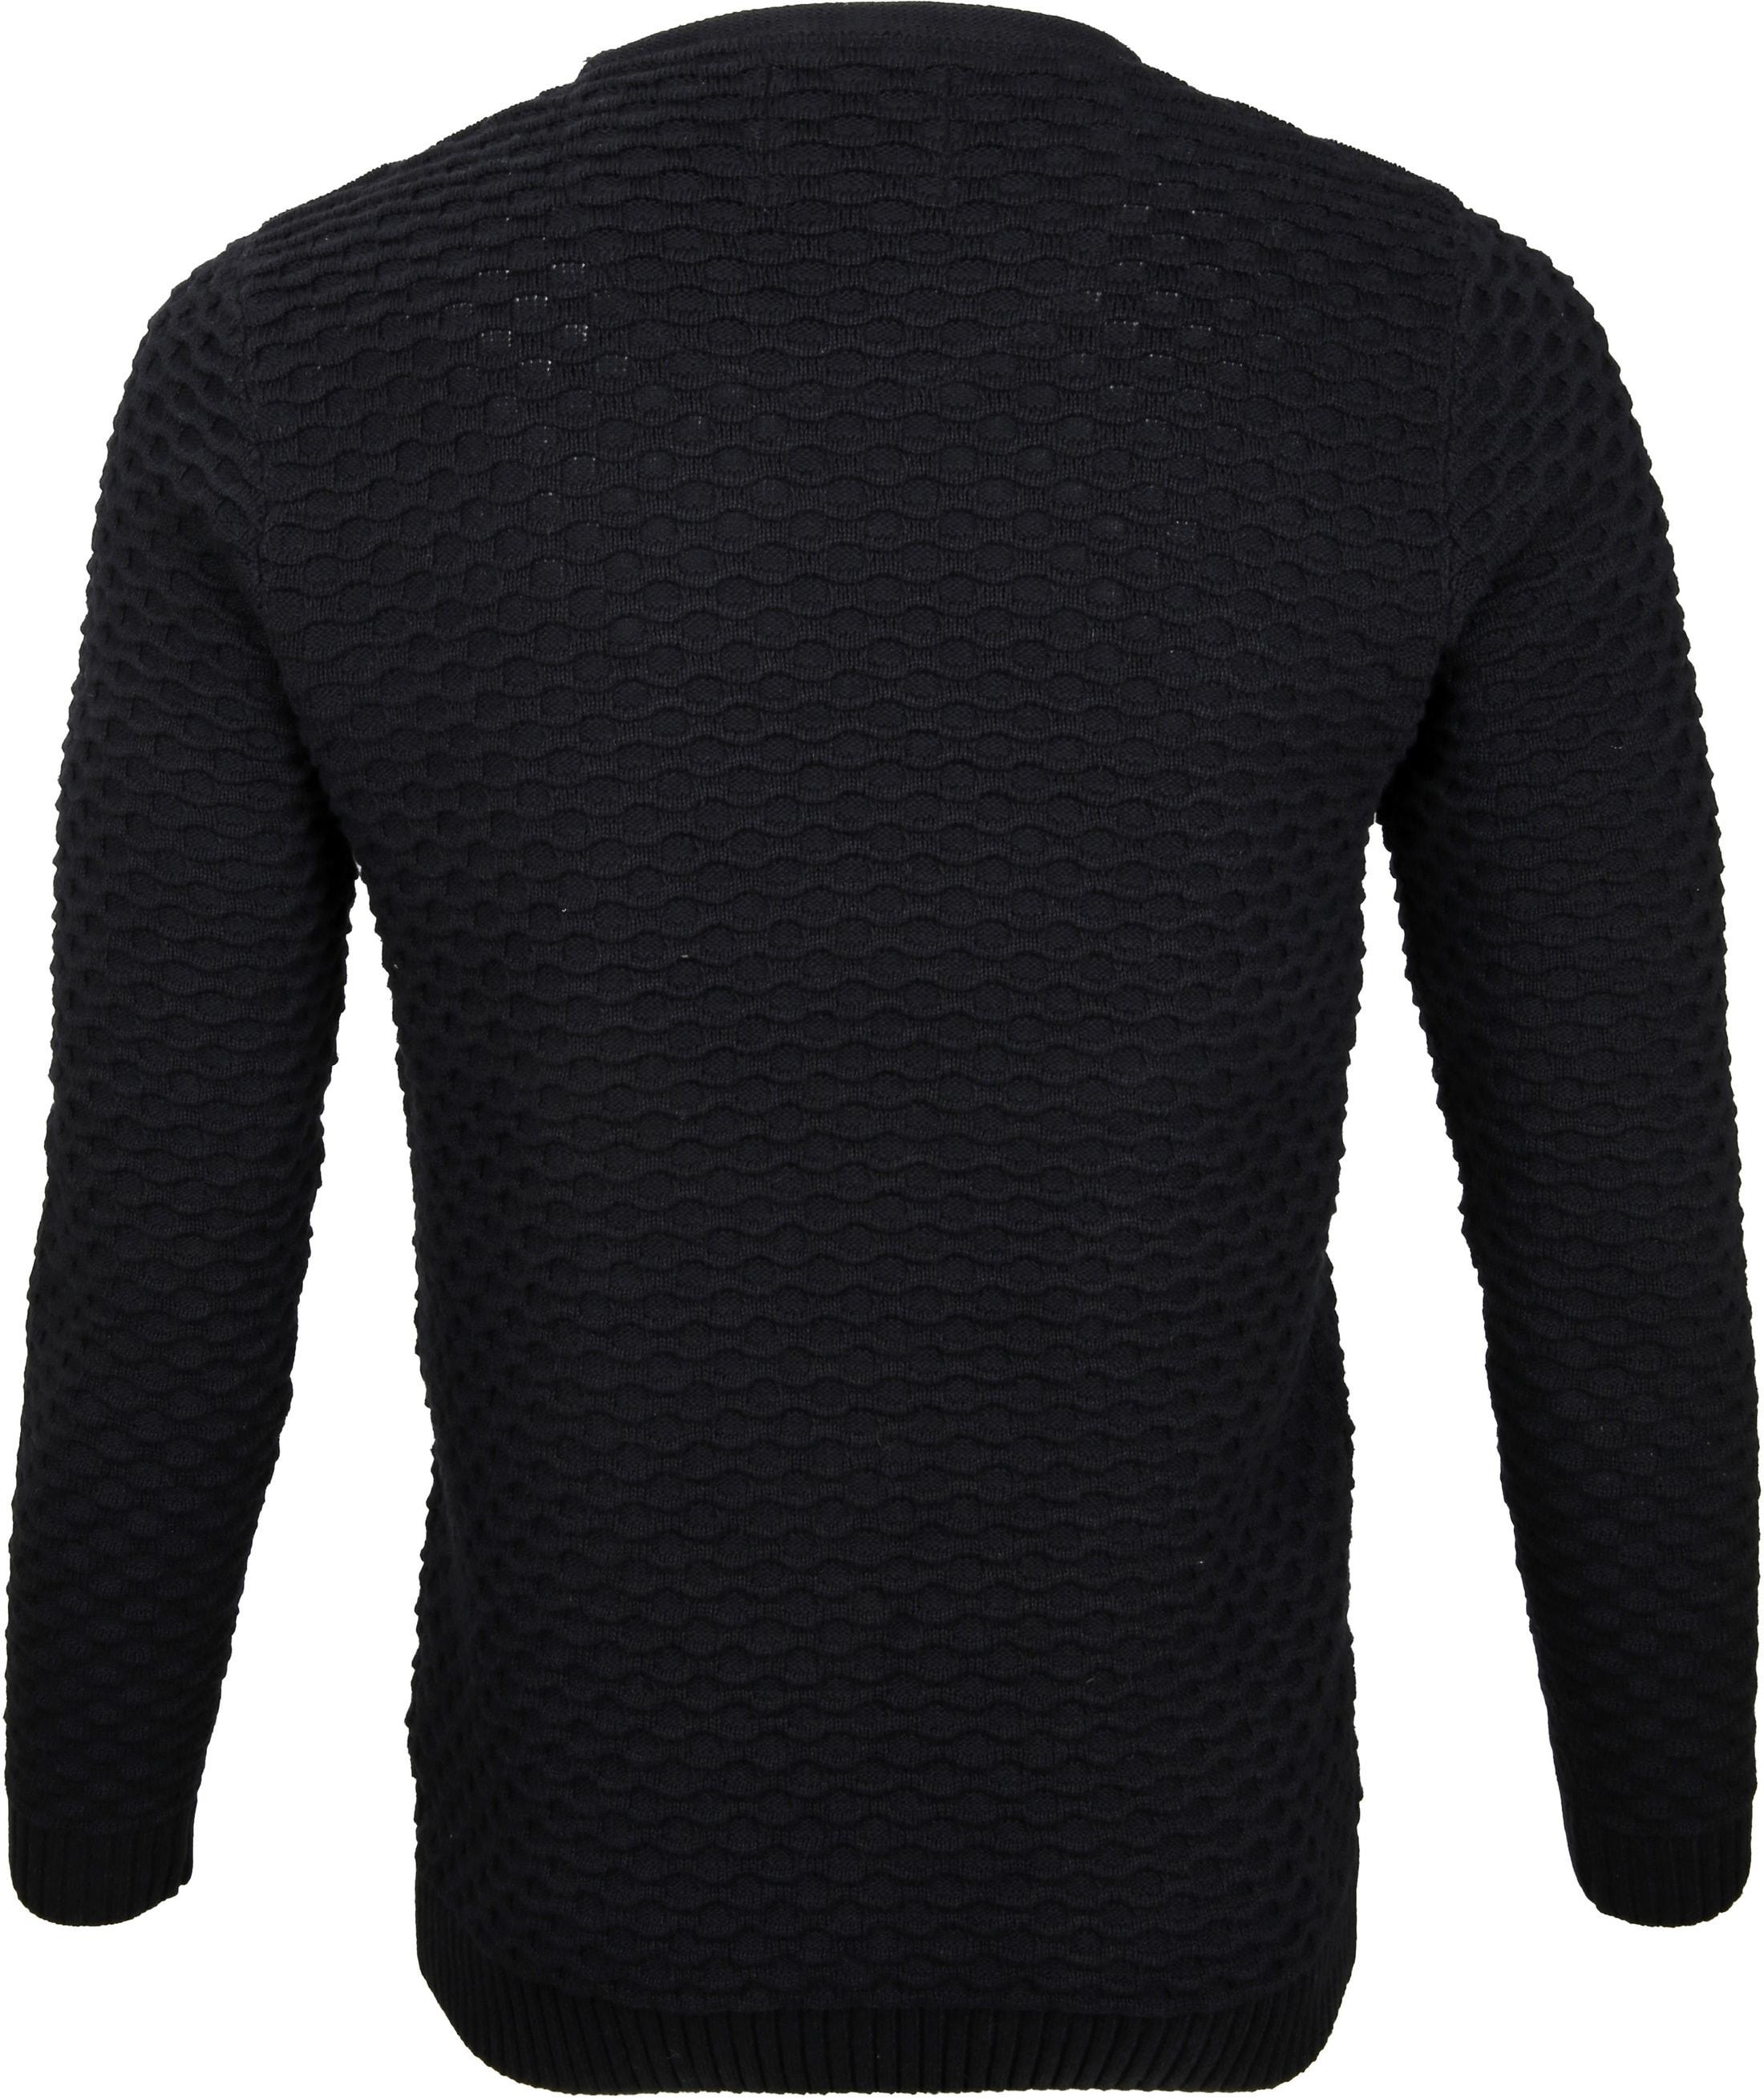 No-Excess Pullover Zwart foto 3